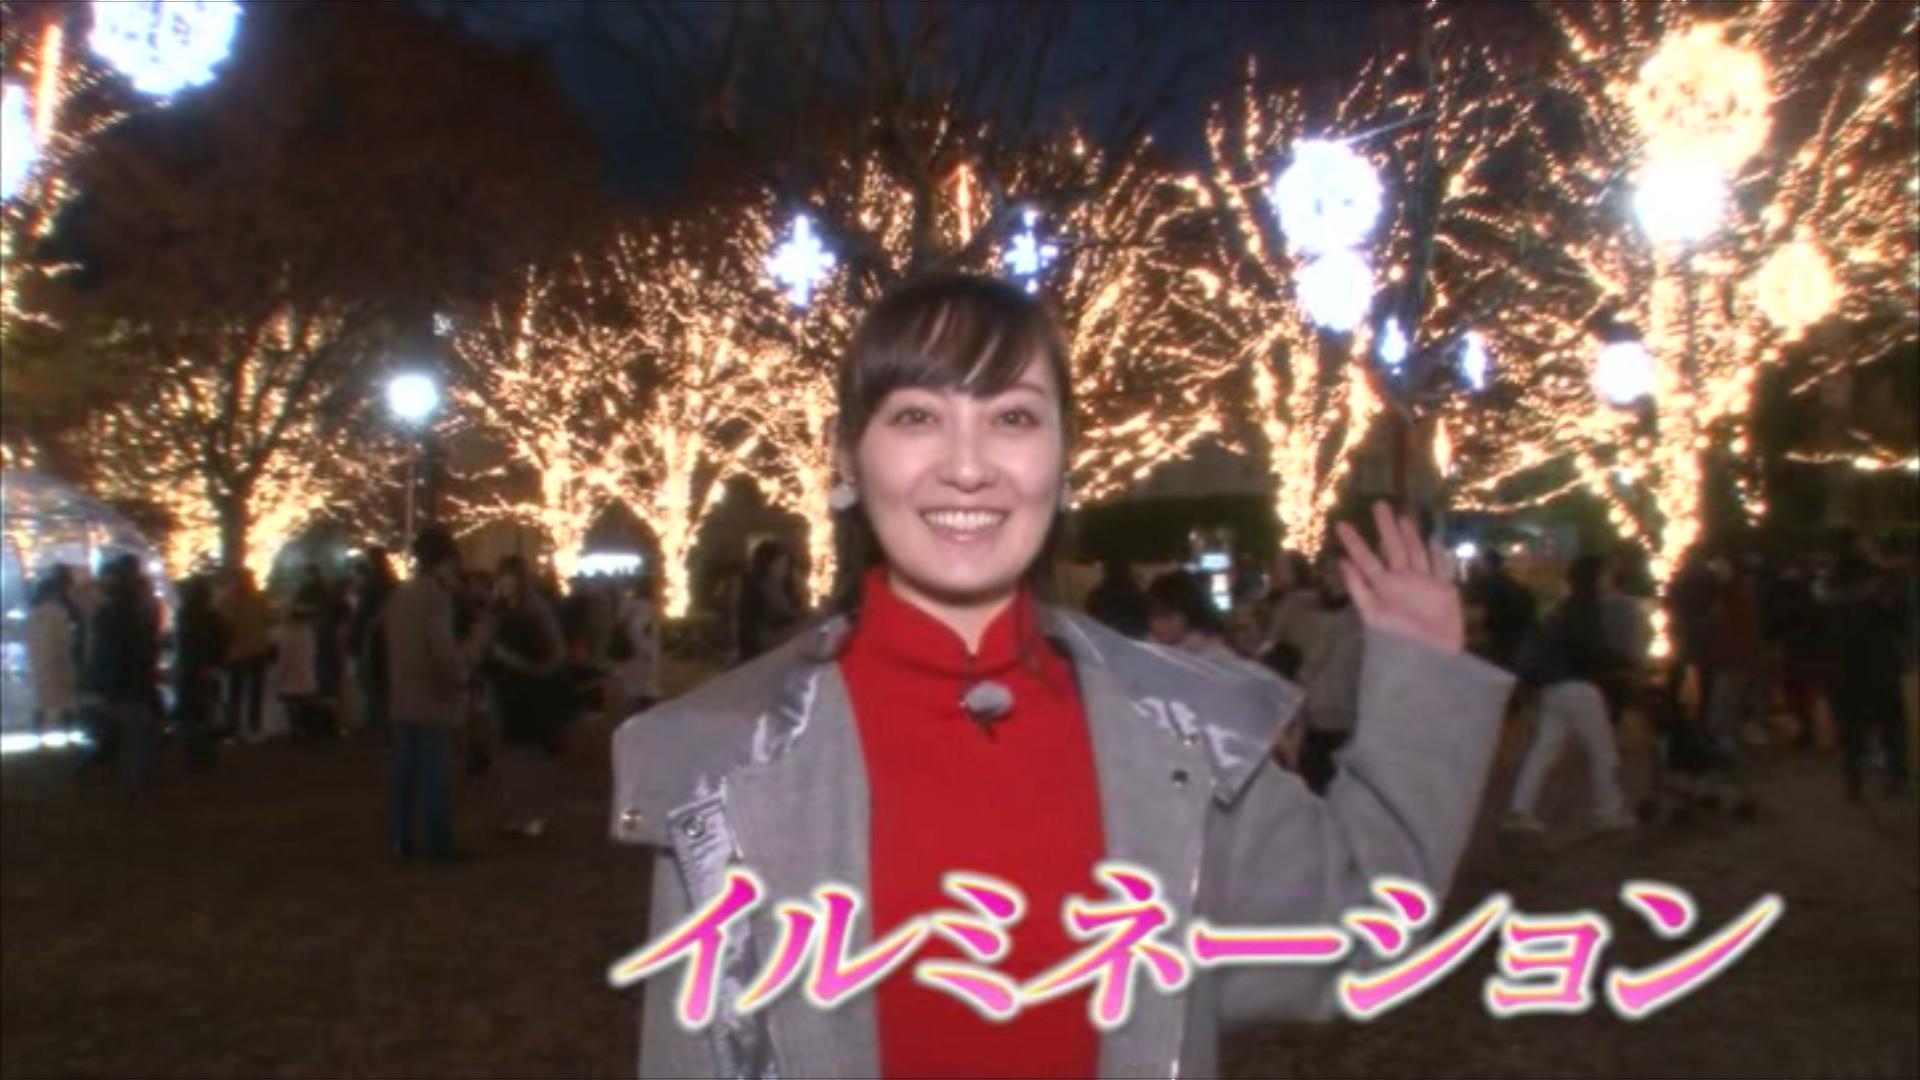 京都の冬を86万球の美しいイルミネーションが彩る「ロームイルミネーション」